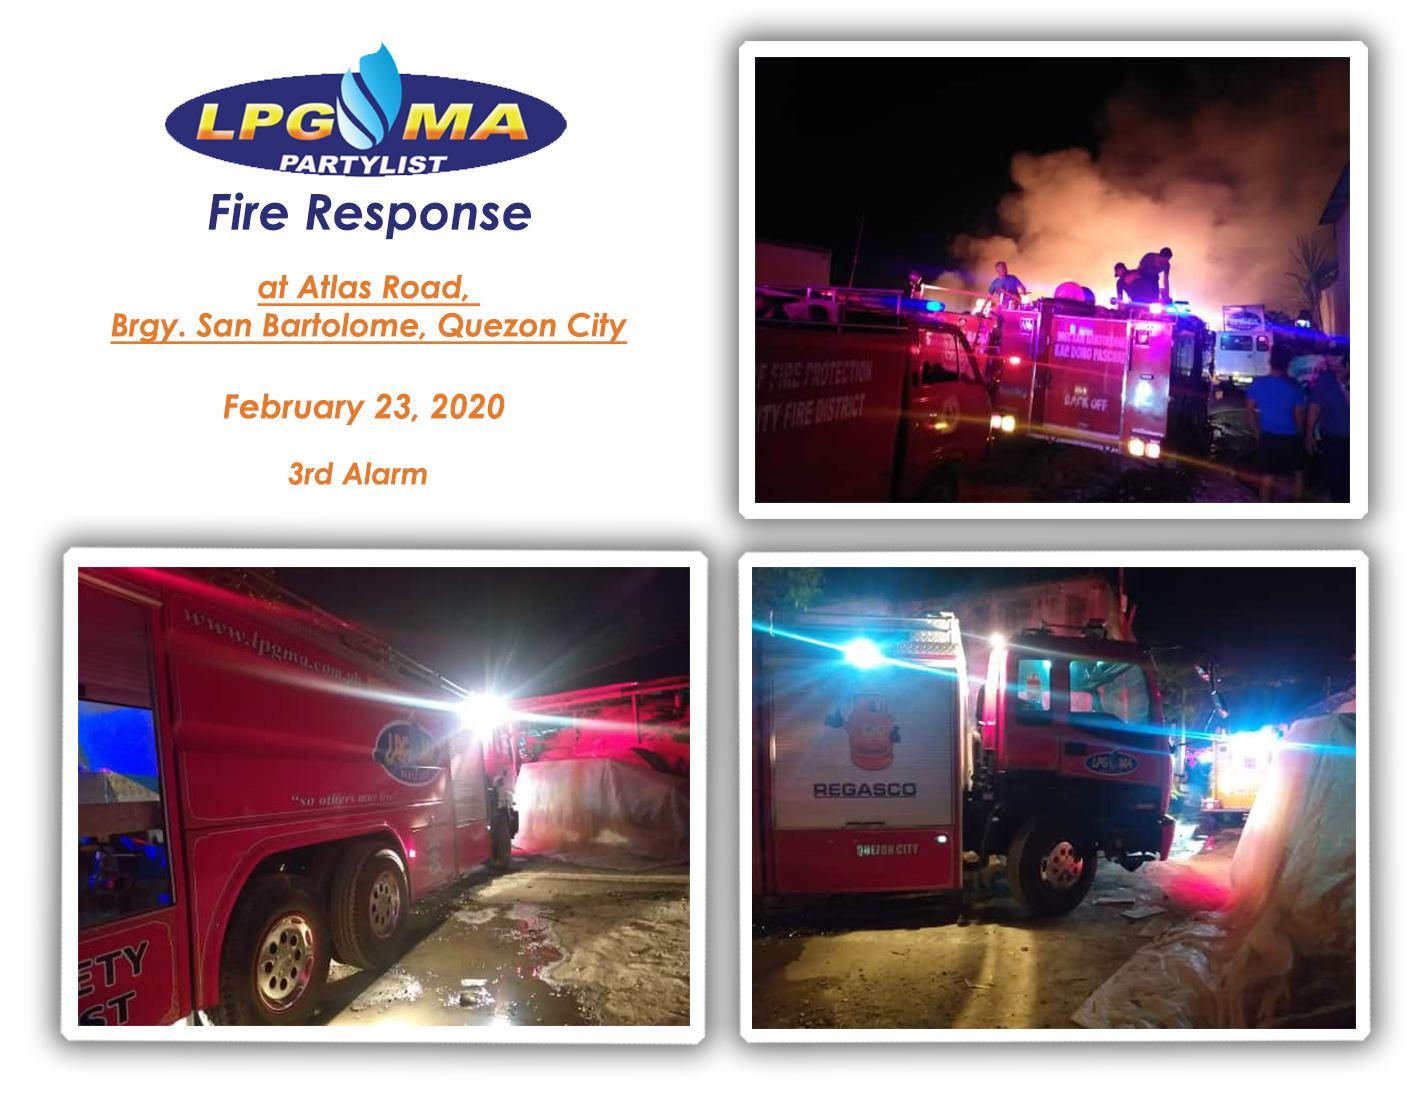 LPGMA Fire Response in Brgy San Bartolome Quezon City